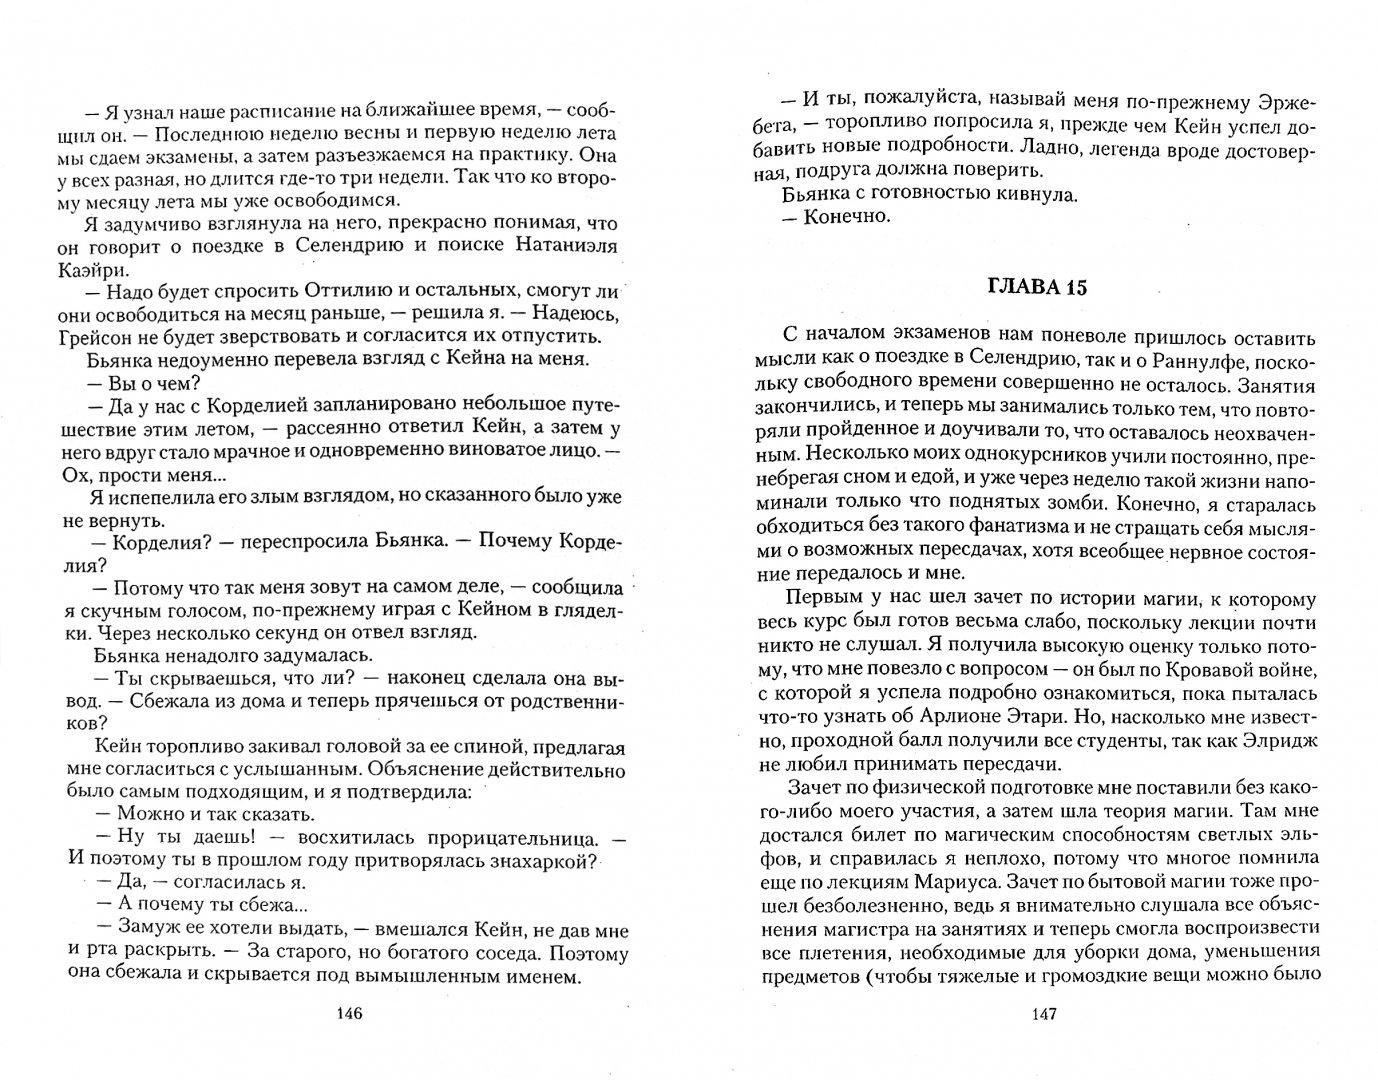 Иллюстрация 1 из 10 для Проклятие Этари - Анастасия Сычева | Лабиринт - книги. Источник: Лабиринт